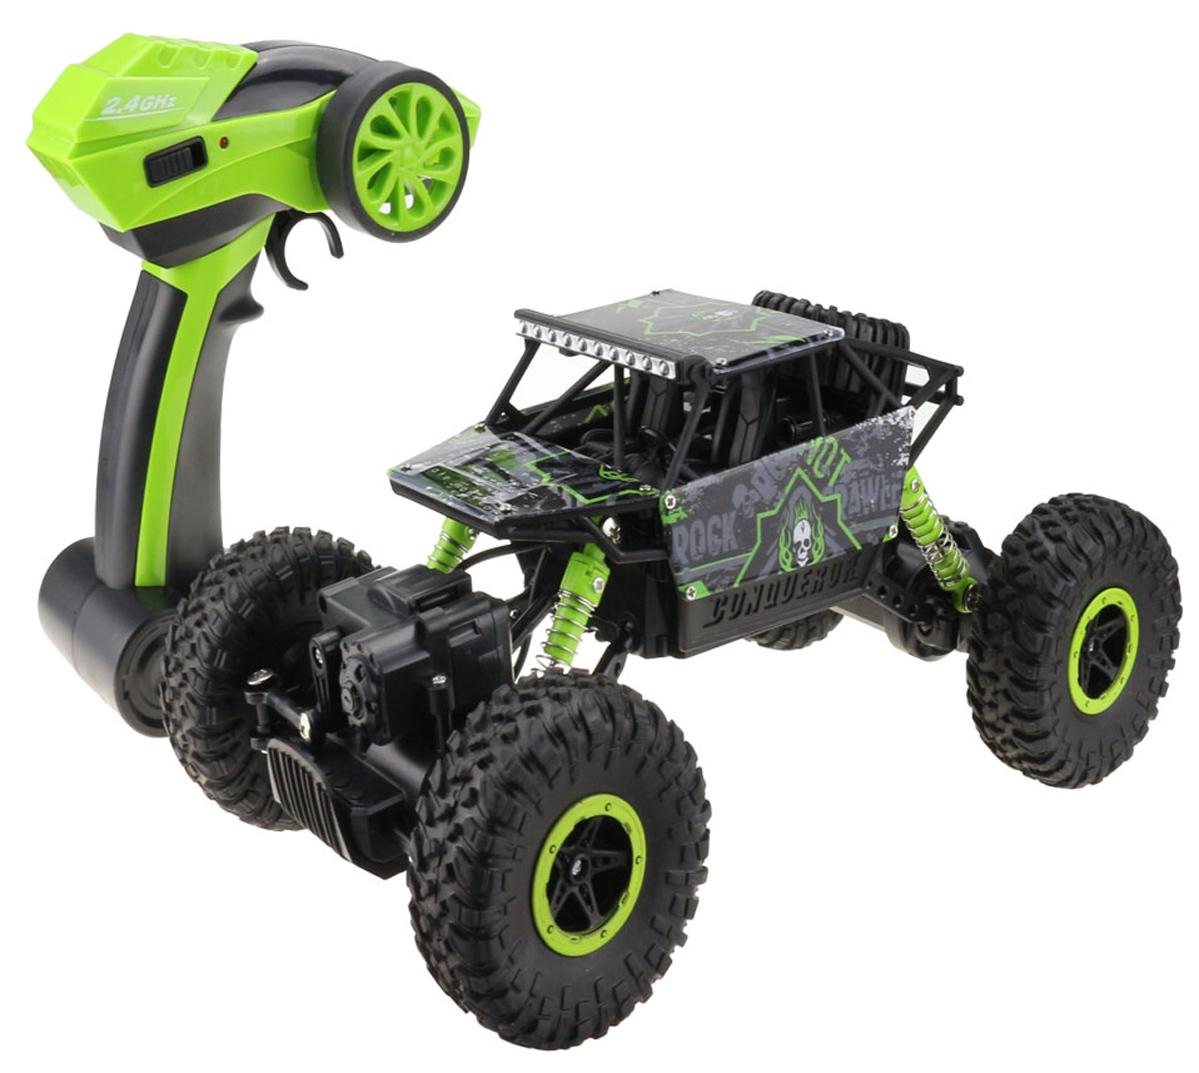 Привод на все 4 колеса, на каждую ось свой электродвигатель. Управление колесами дискретное. Прочный и стильный корпус. Пульт работает на частоте 2.4 Ггц. Краулер работает от 4-х батареек формата АА, пульт от 2-х АА.